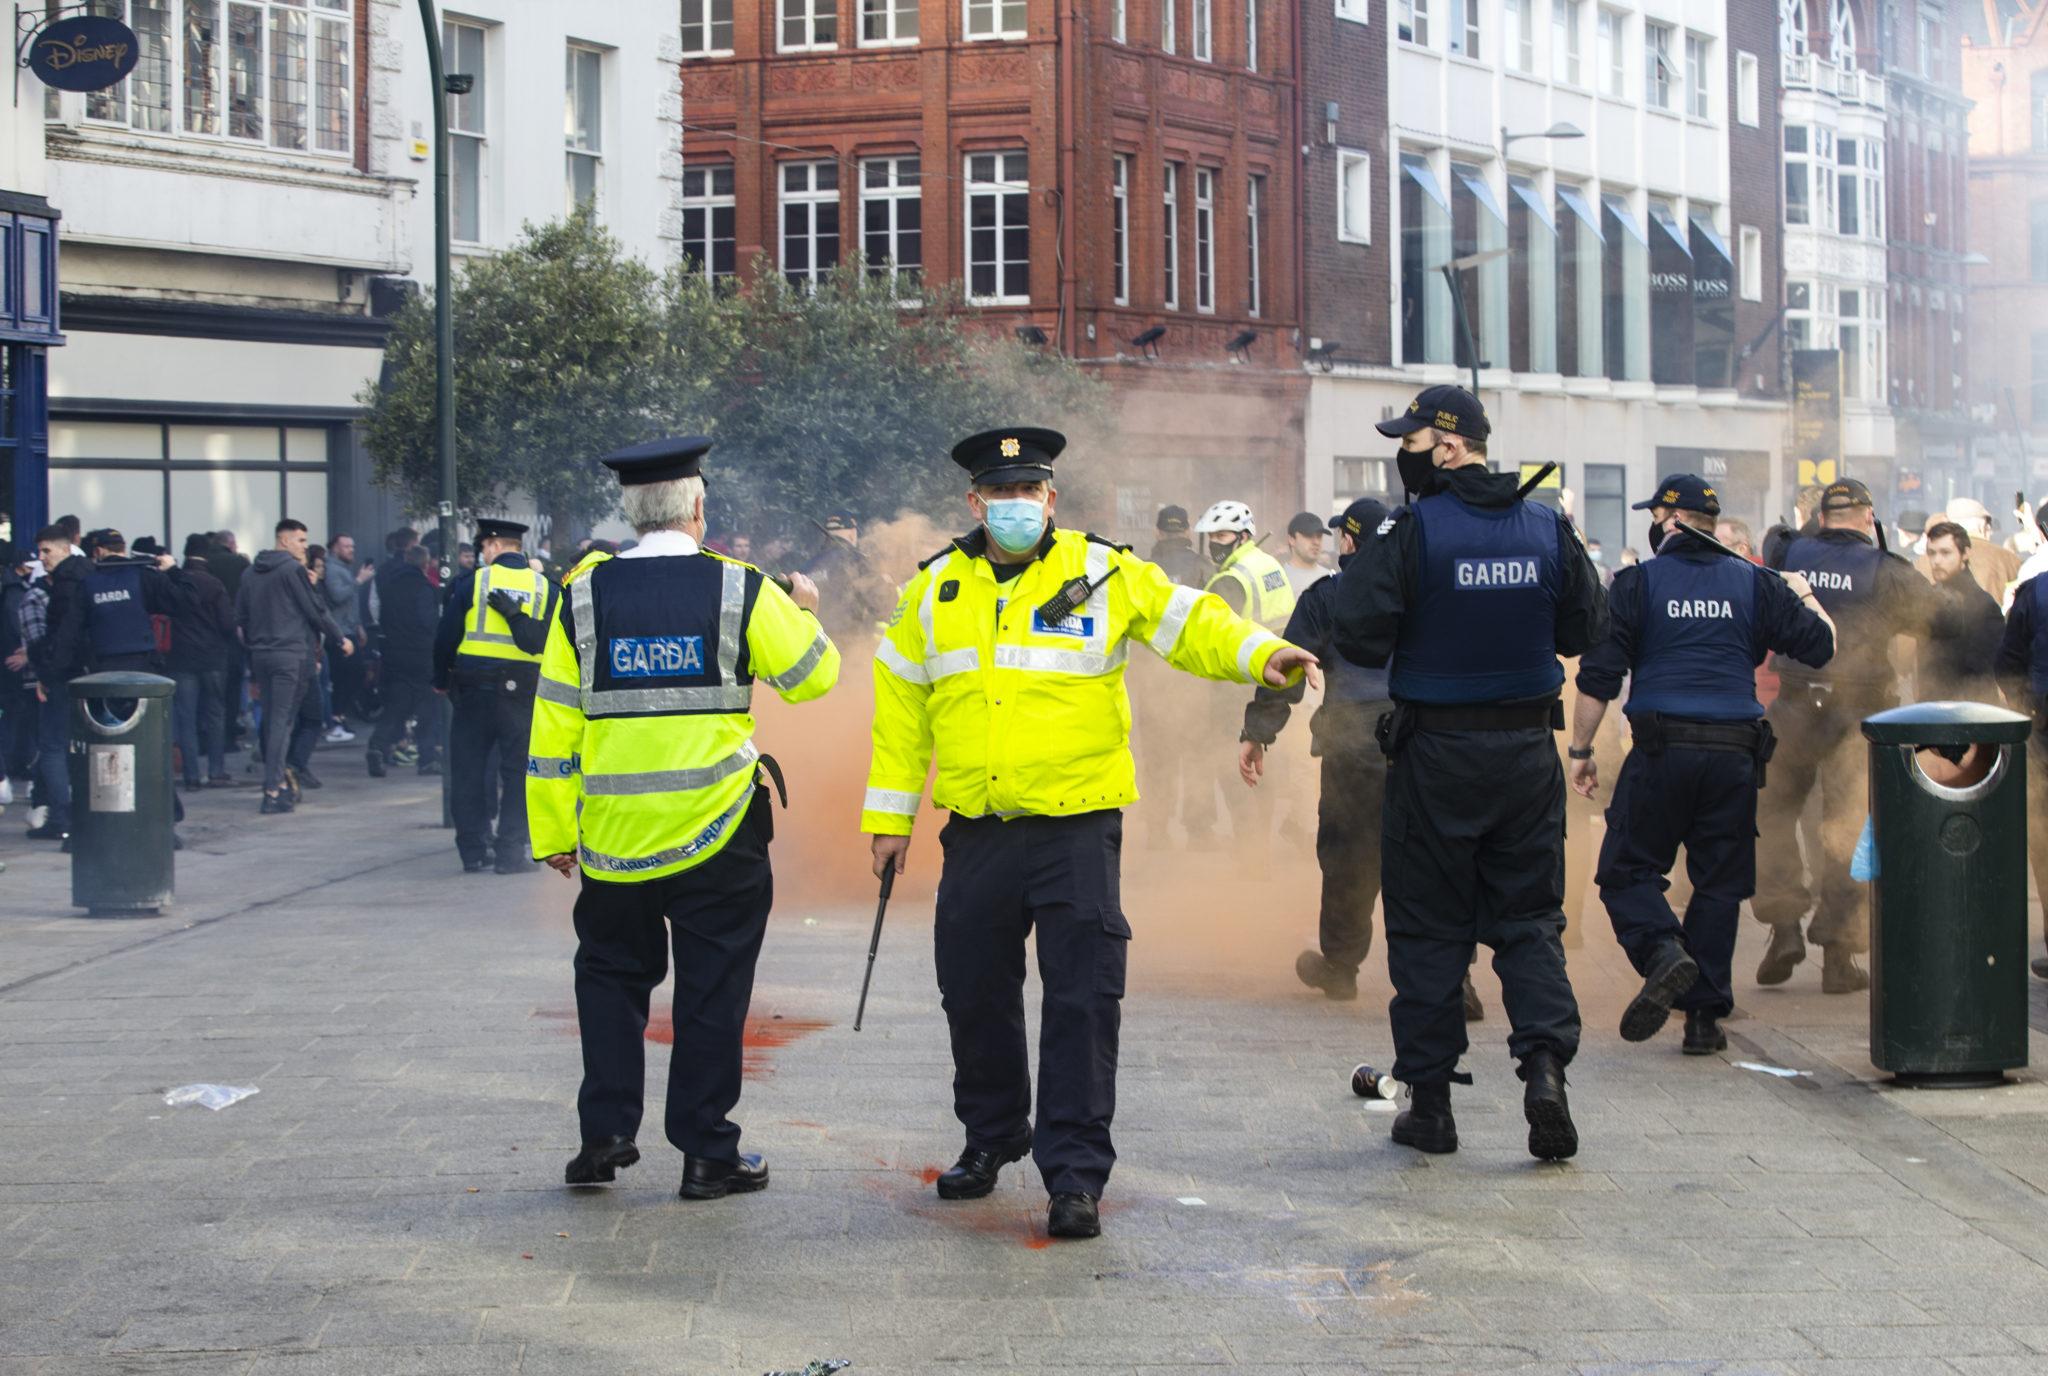 anti-lockdown protests